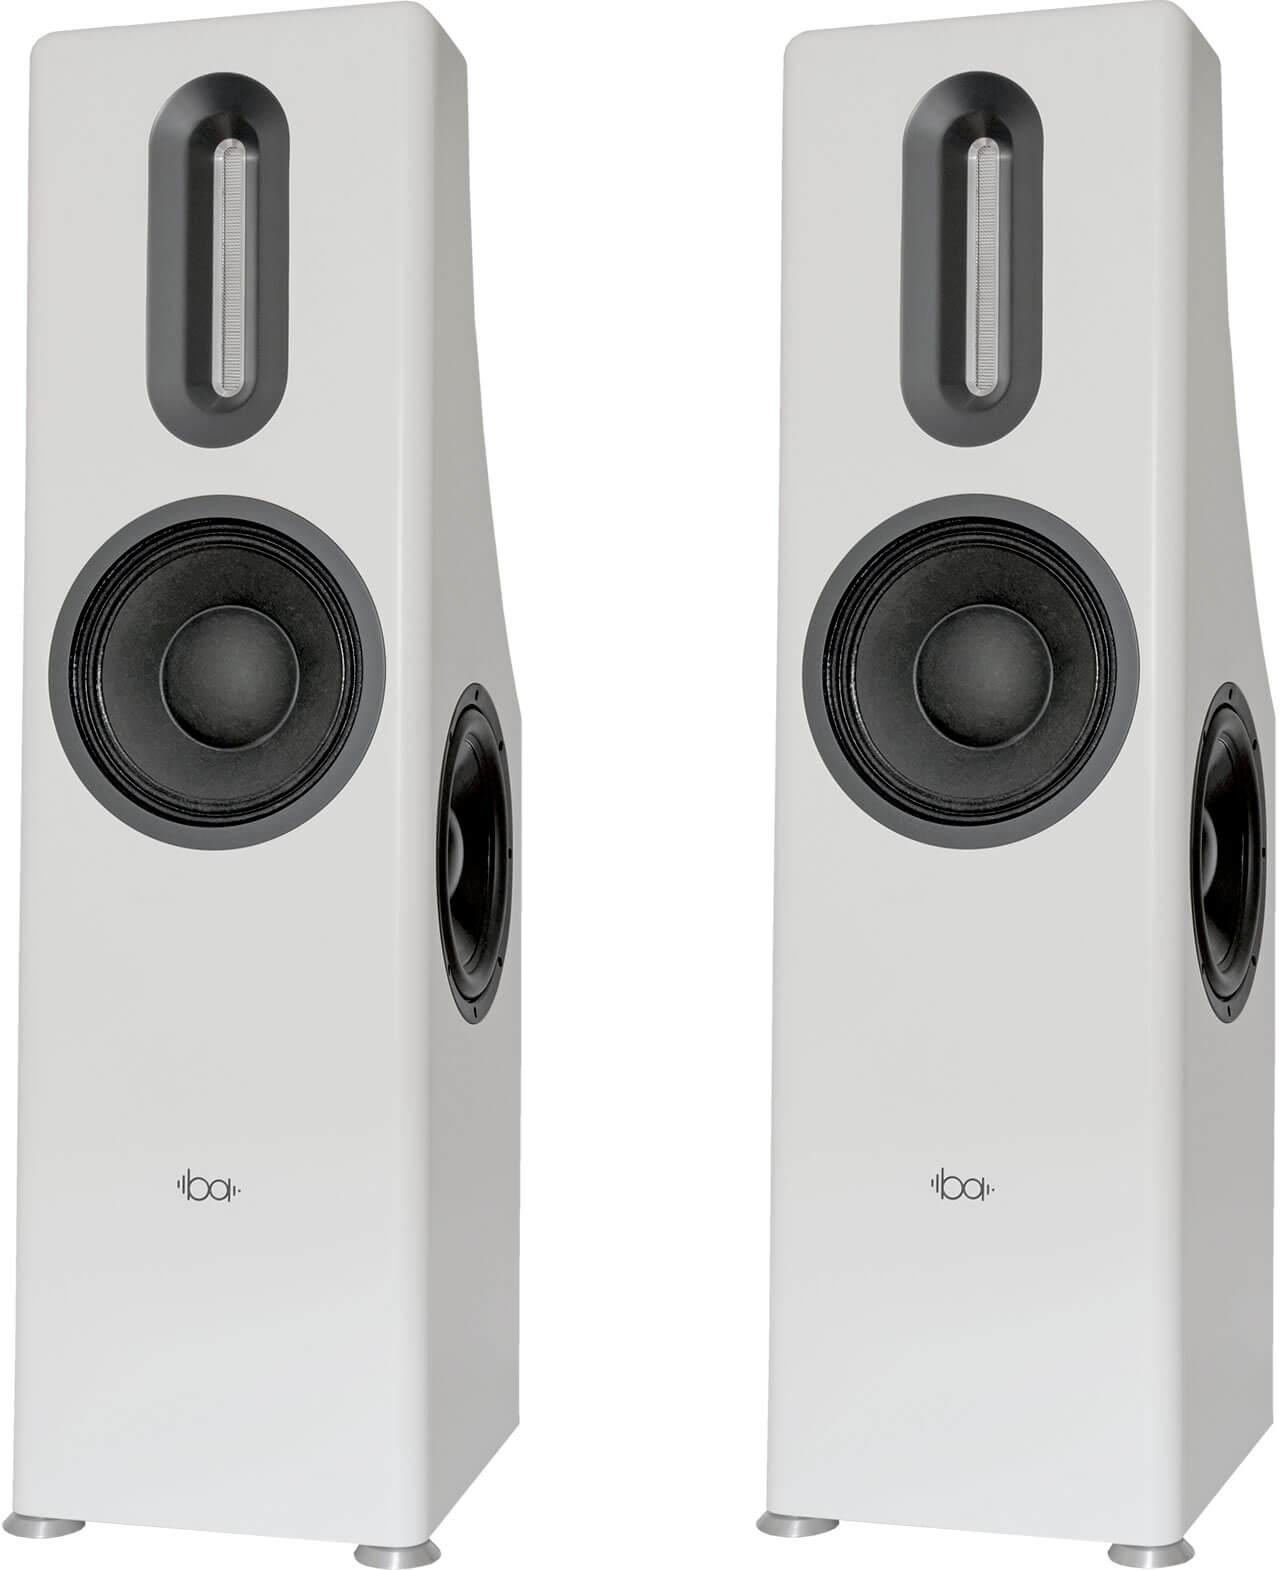 Die aktive Bohne Audio BB-10L ist ein Zweiwegesystem - die Treiber auf der Seite sind Passivmembranen zur Unterstützung des Tiefbassbereichs